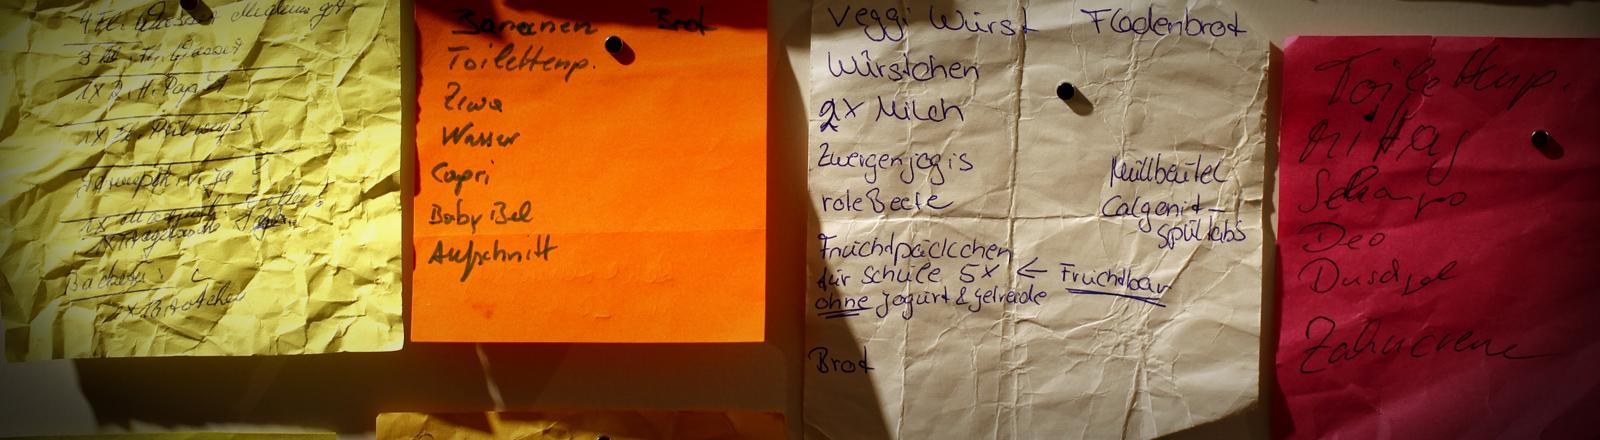 Ein Sammlung von Einkaufszetteln in der Ausstellung mimanca